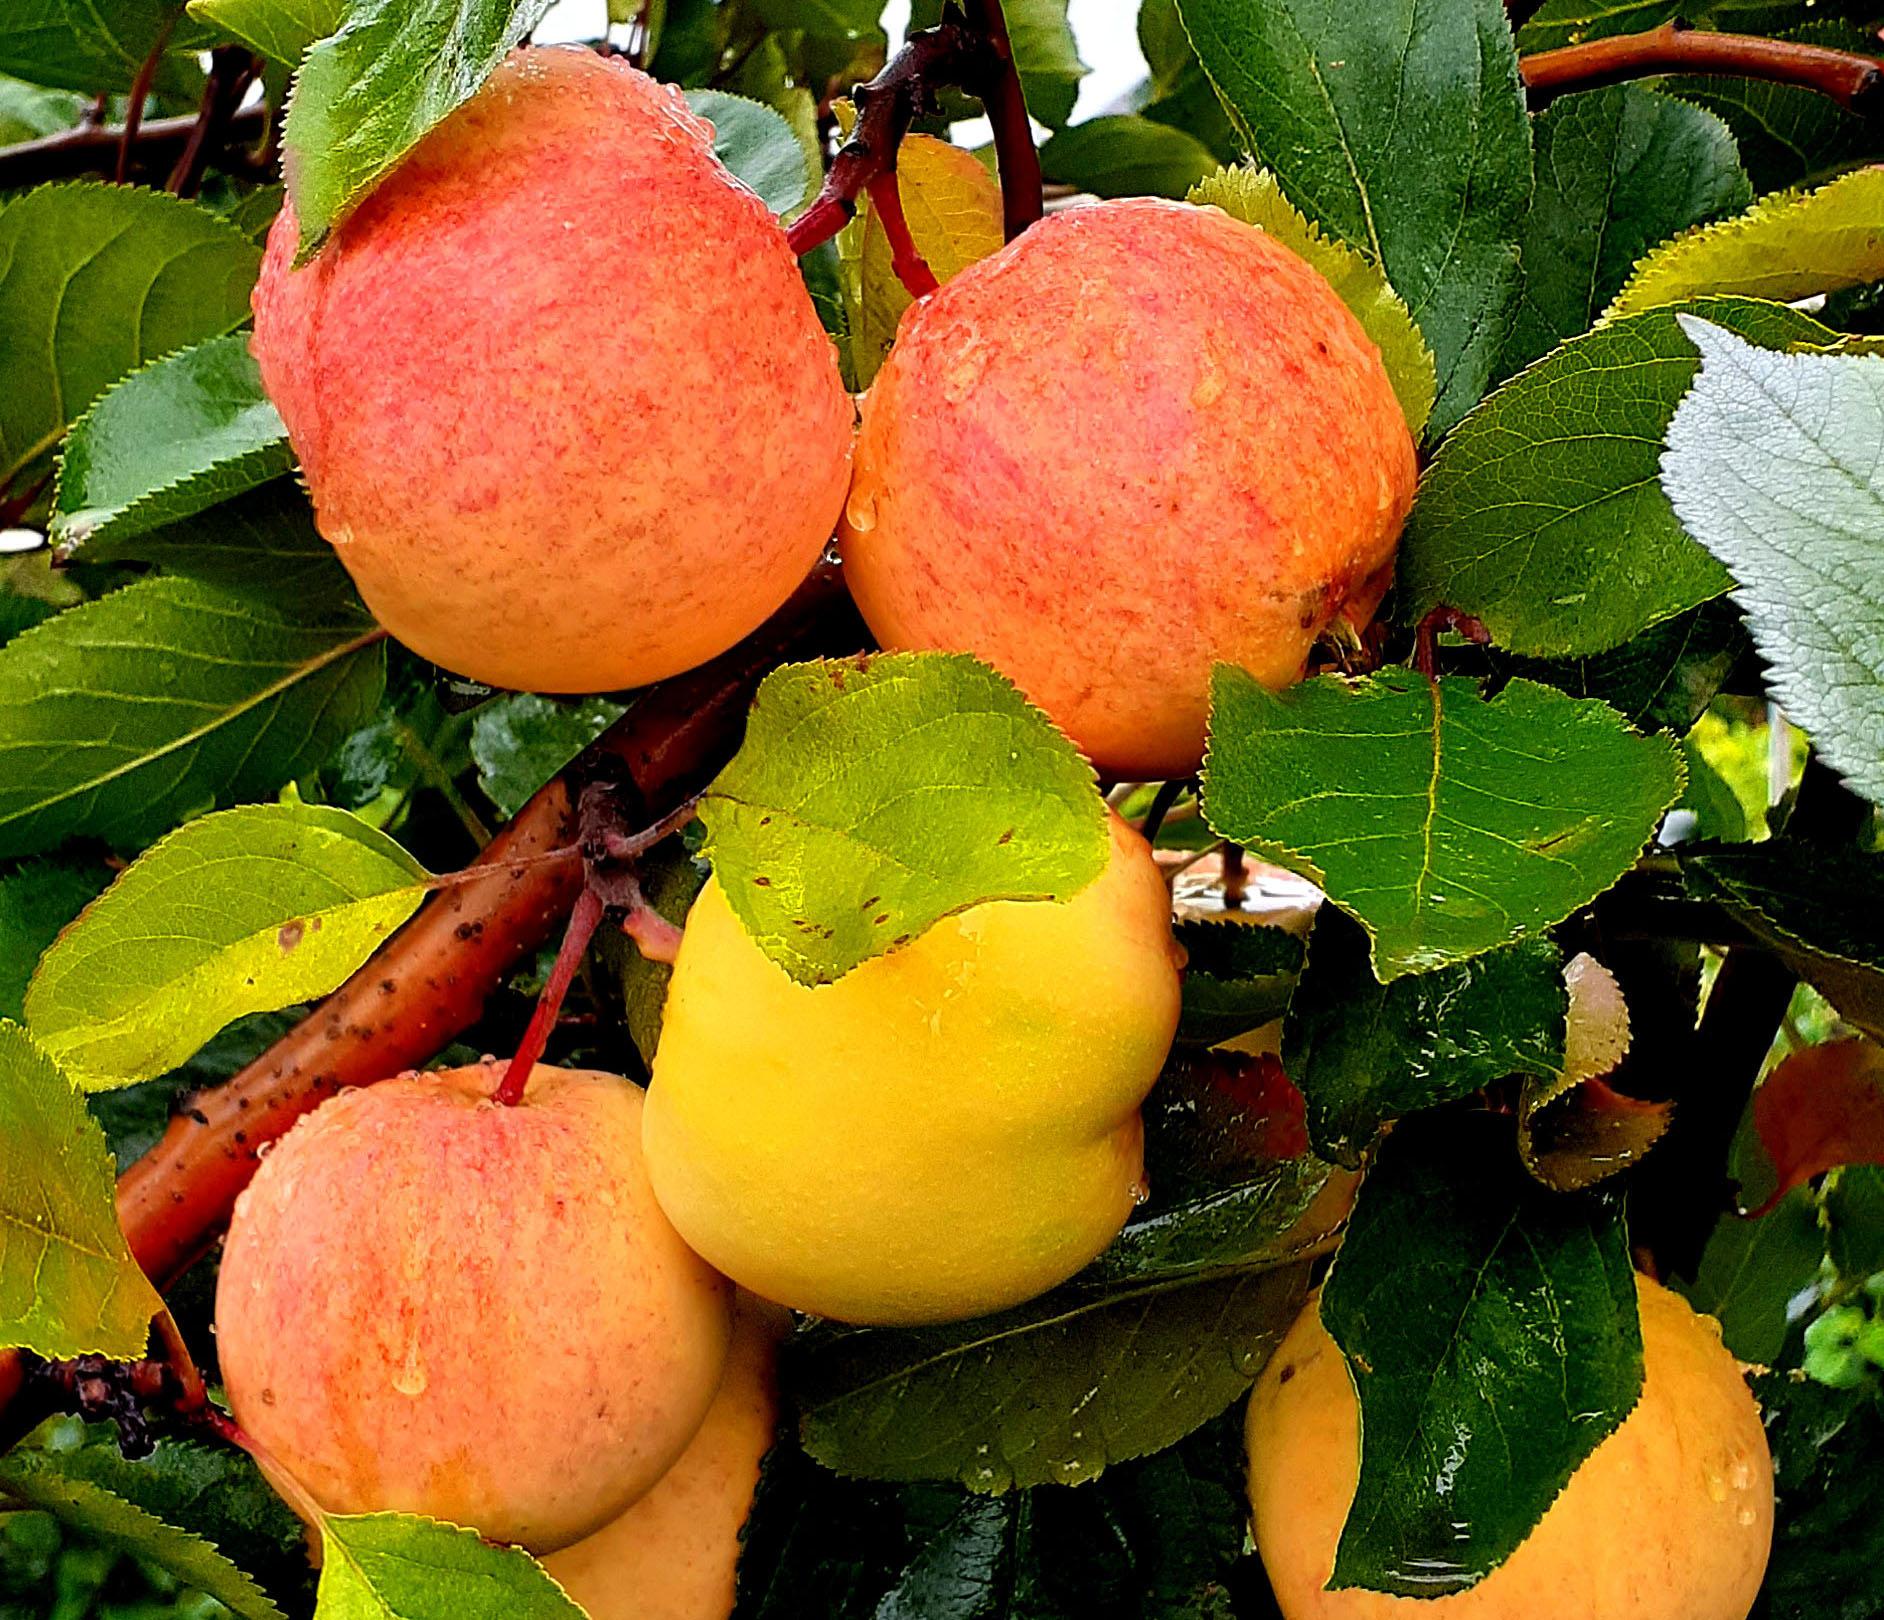 проводится яблоня данила описание фото хлопотный день